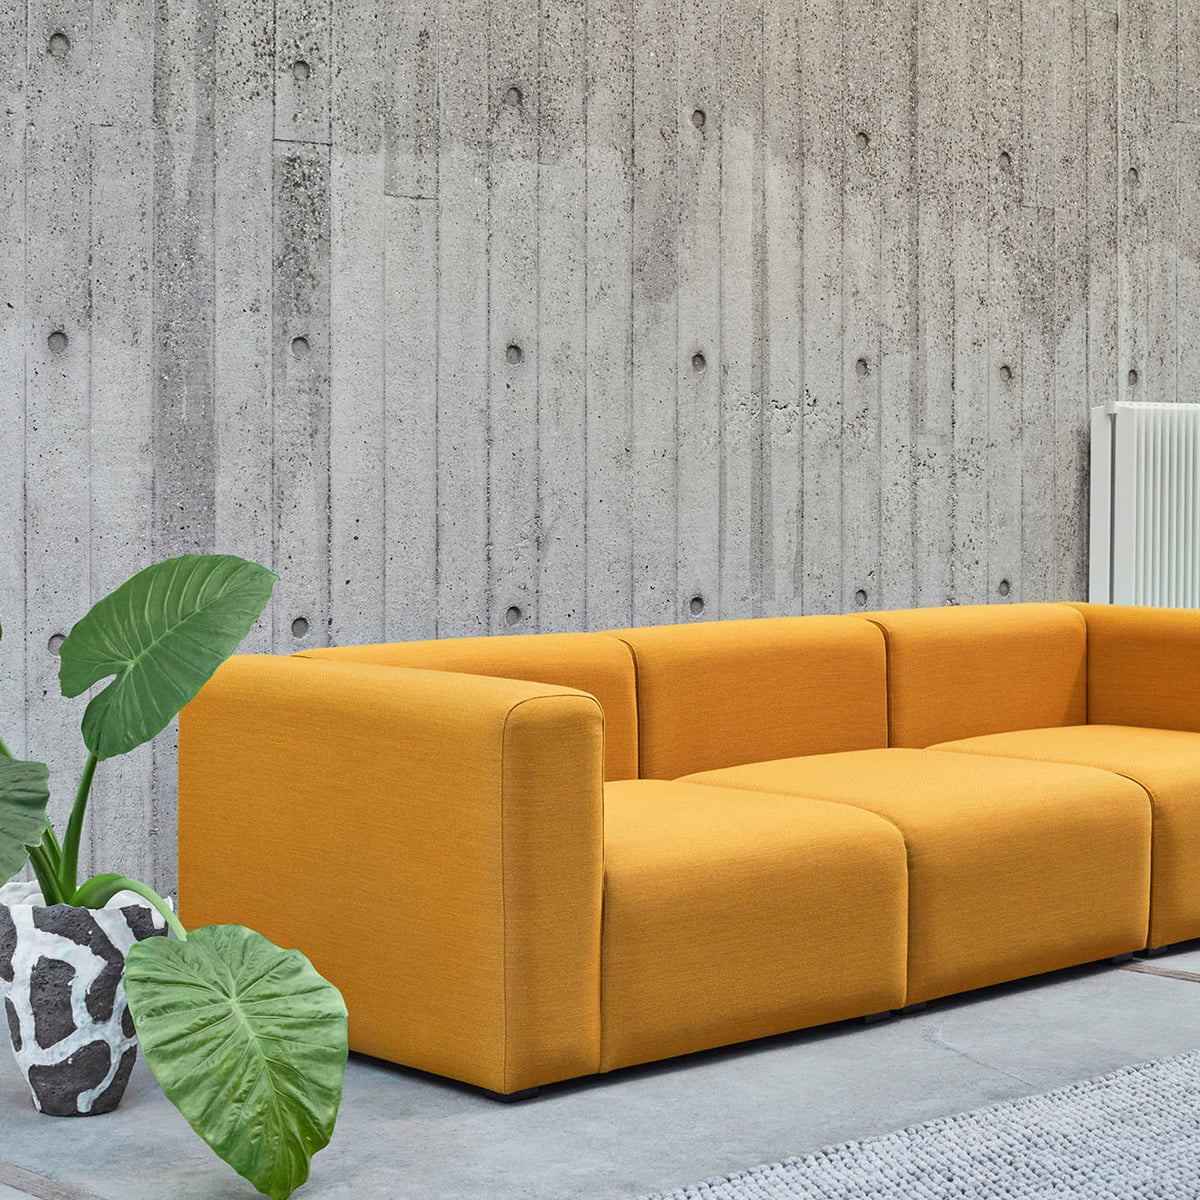 Das Hay   Mags Soft Sofa 3 Sitzer Steelcut Trio 446